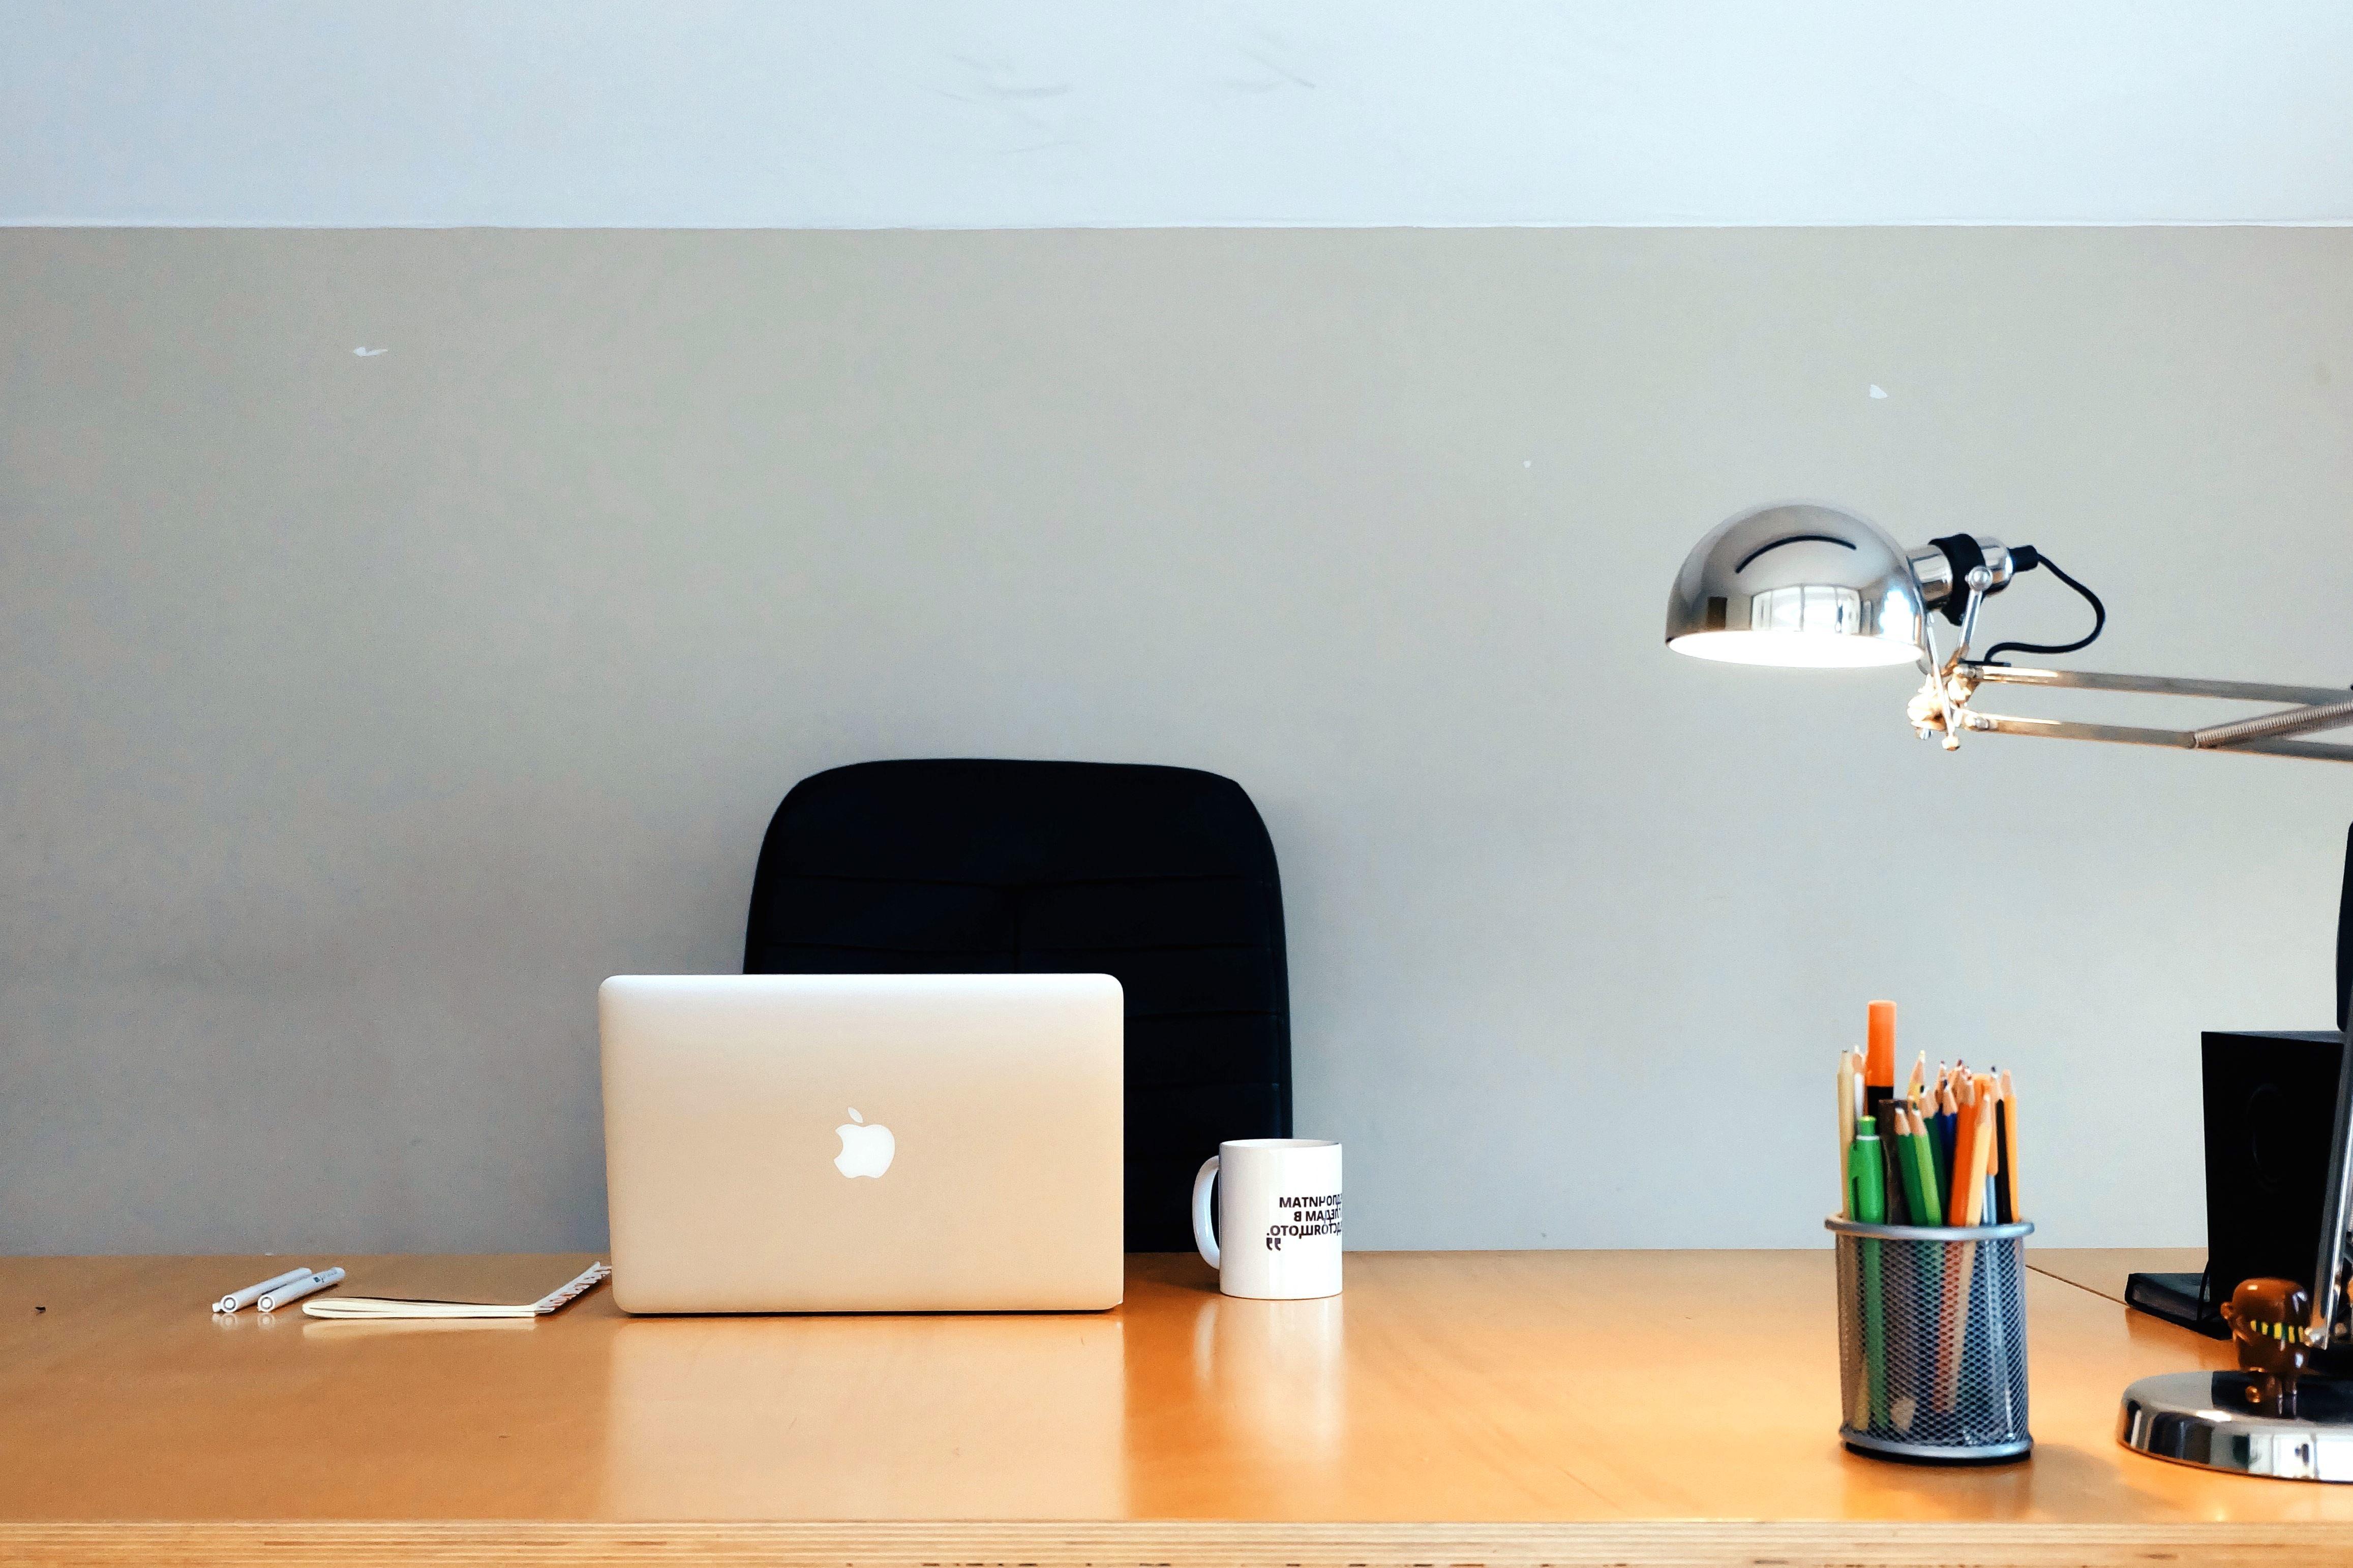 Image Libre Bureau Affaires Chaise Tasse De Caf